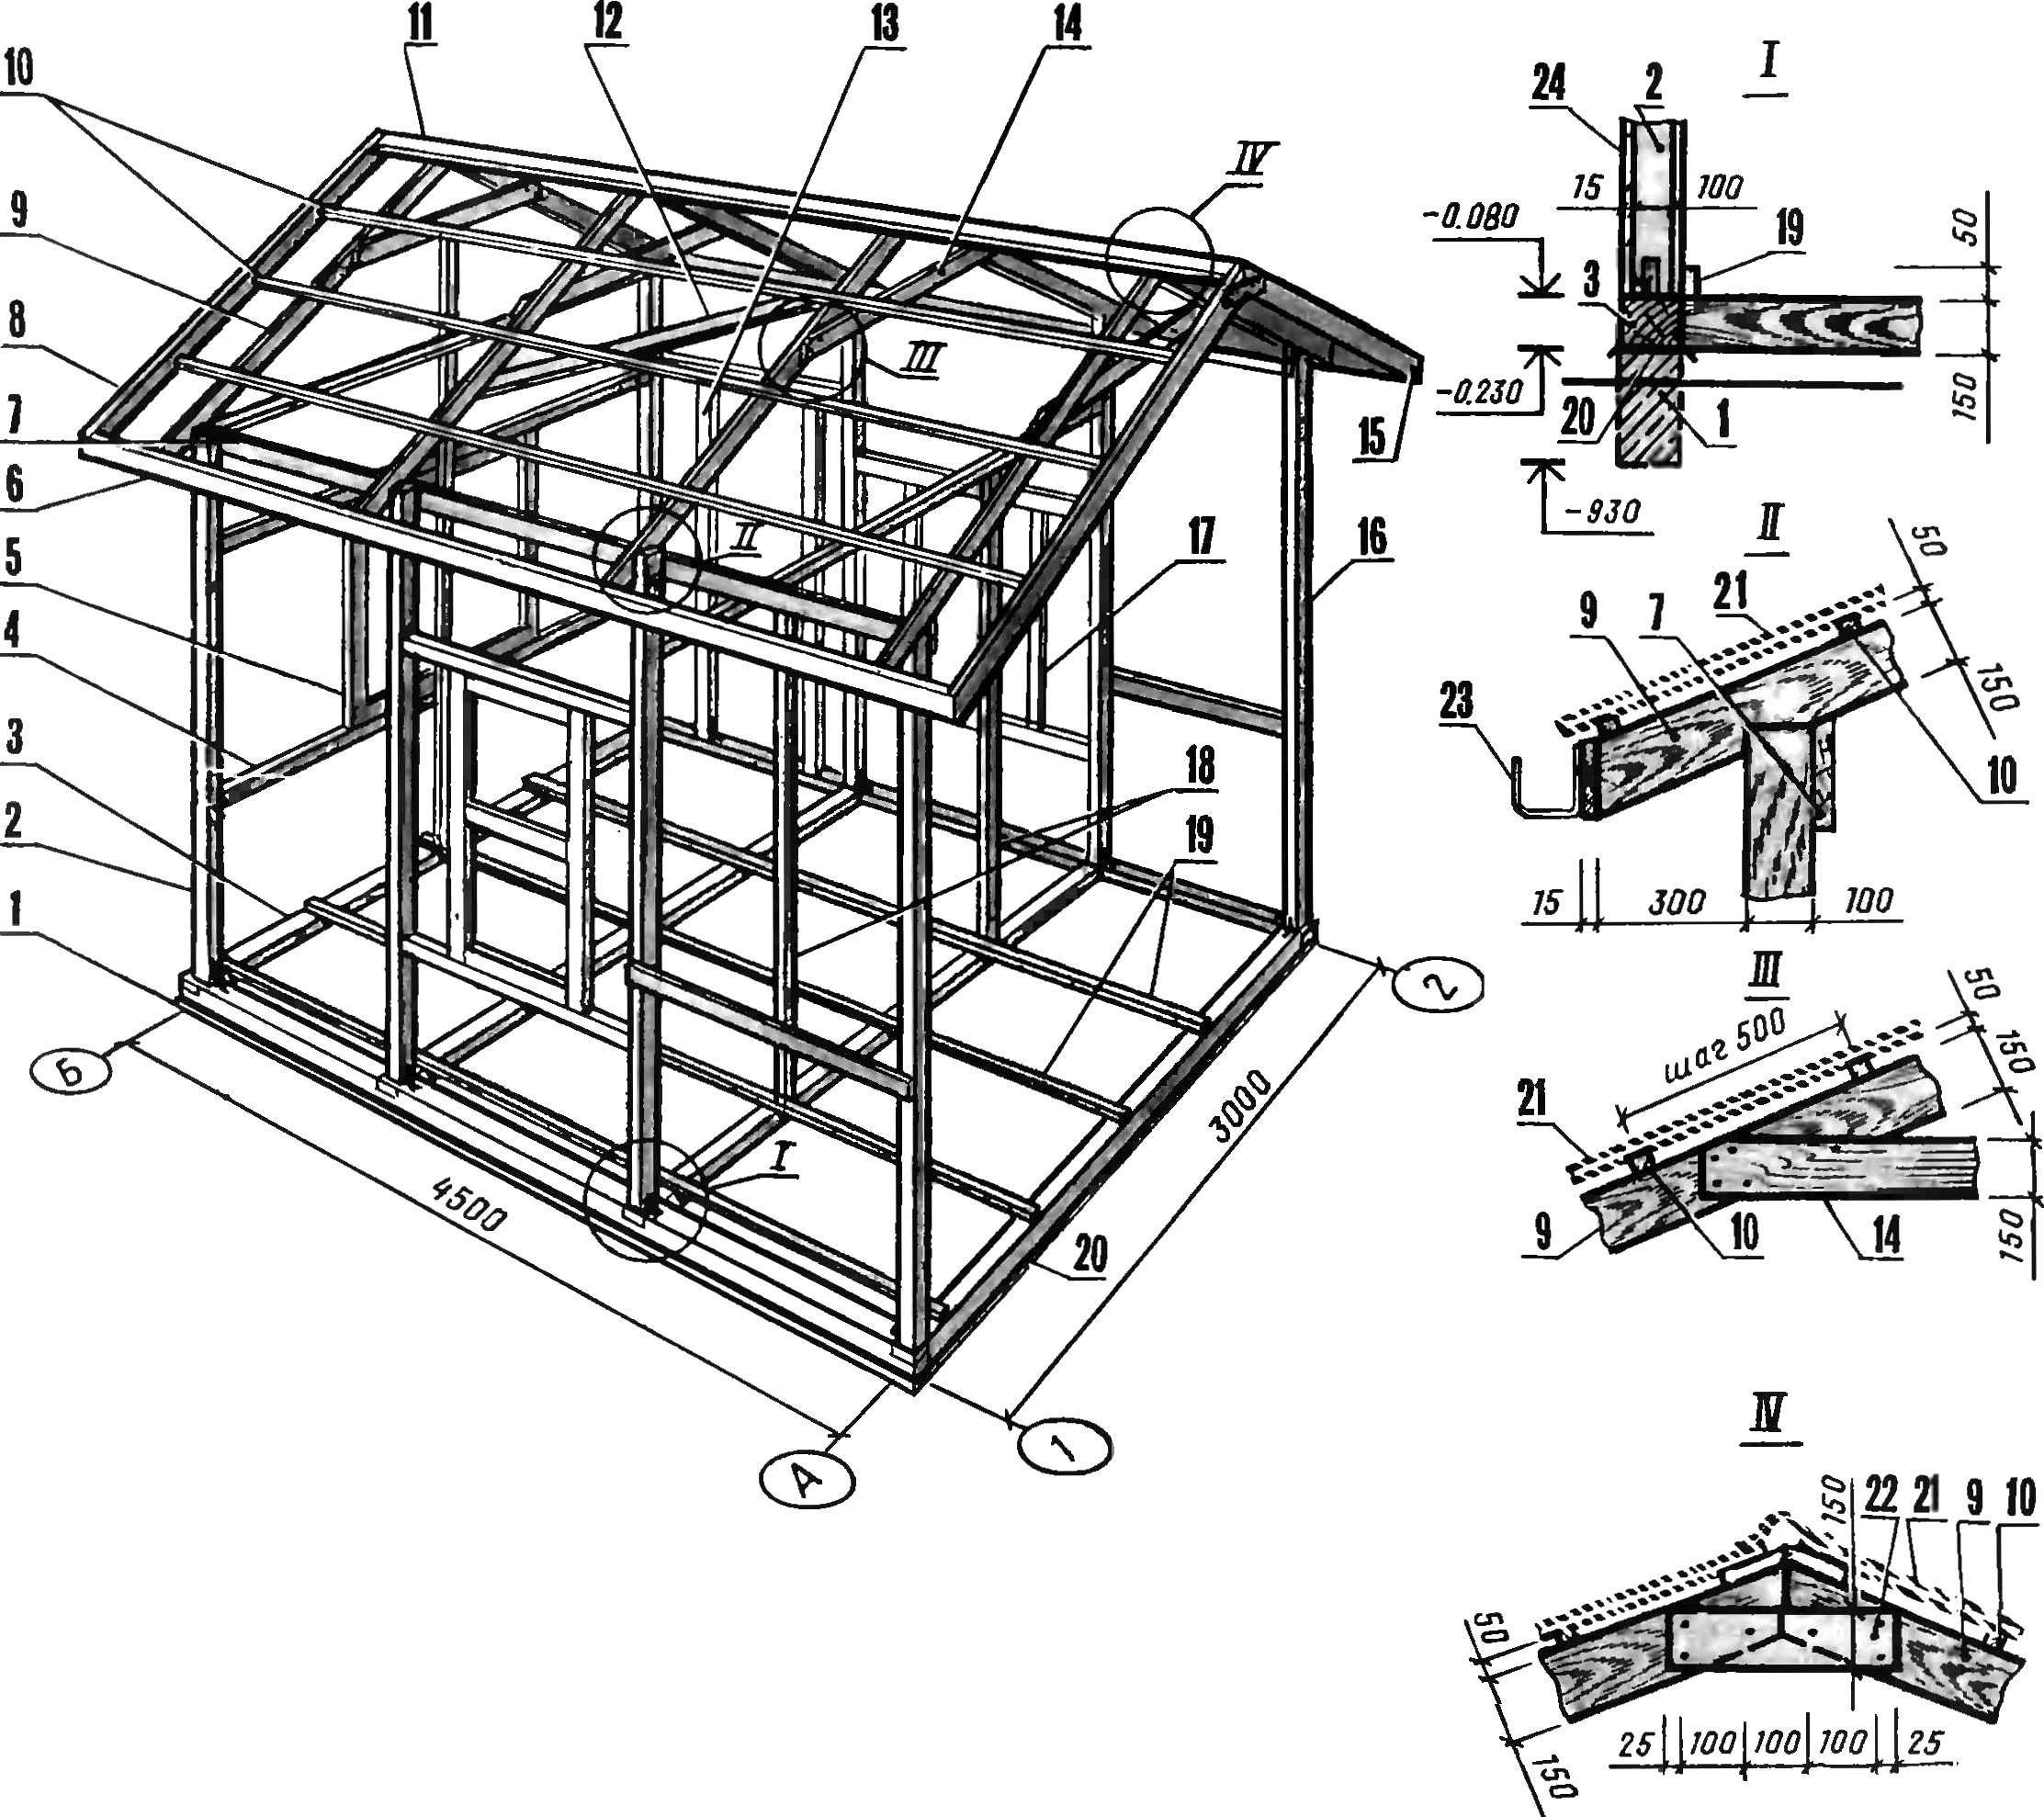 Дом на даче своими руками чертежи размеры фото 31